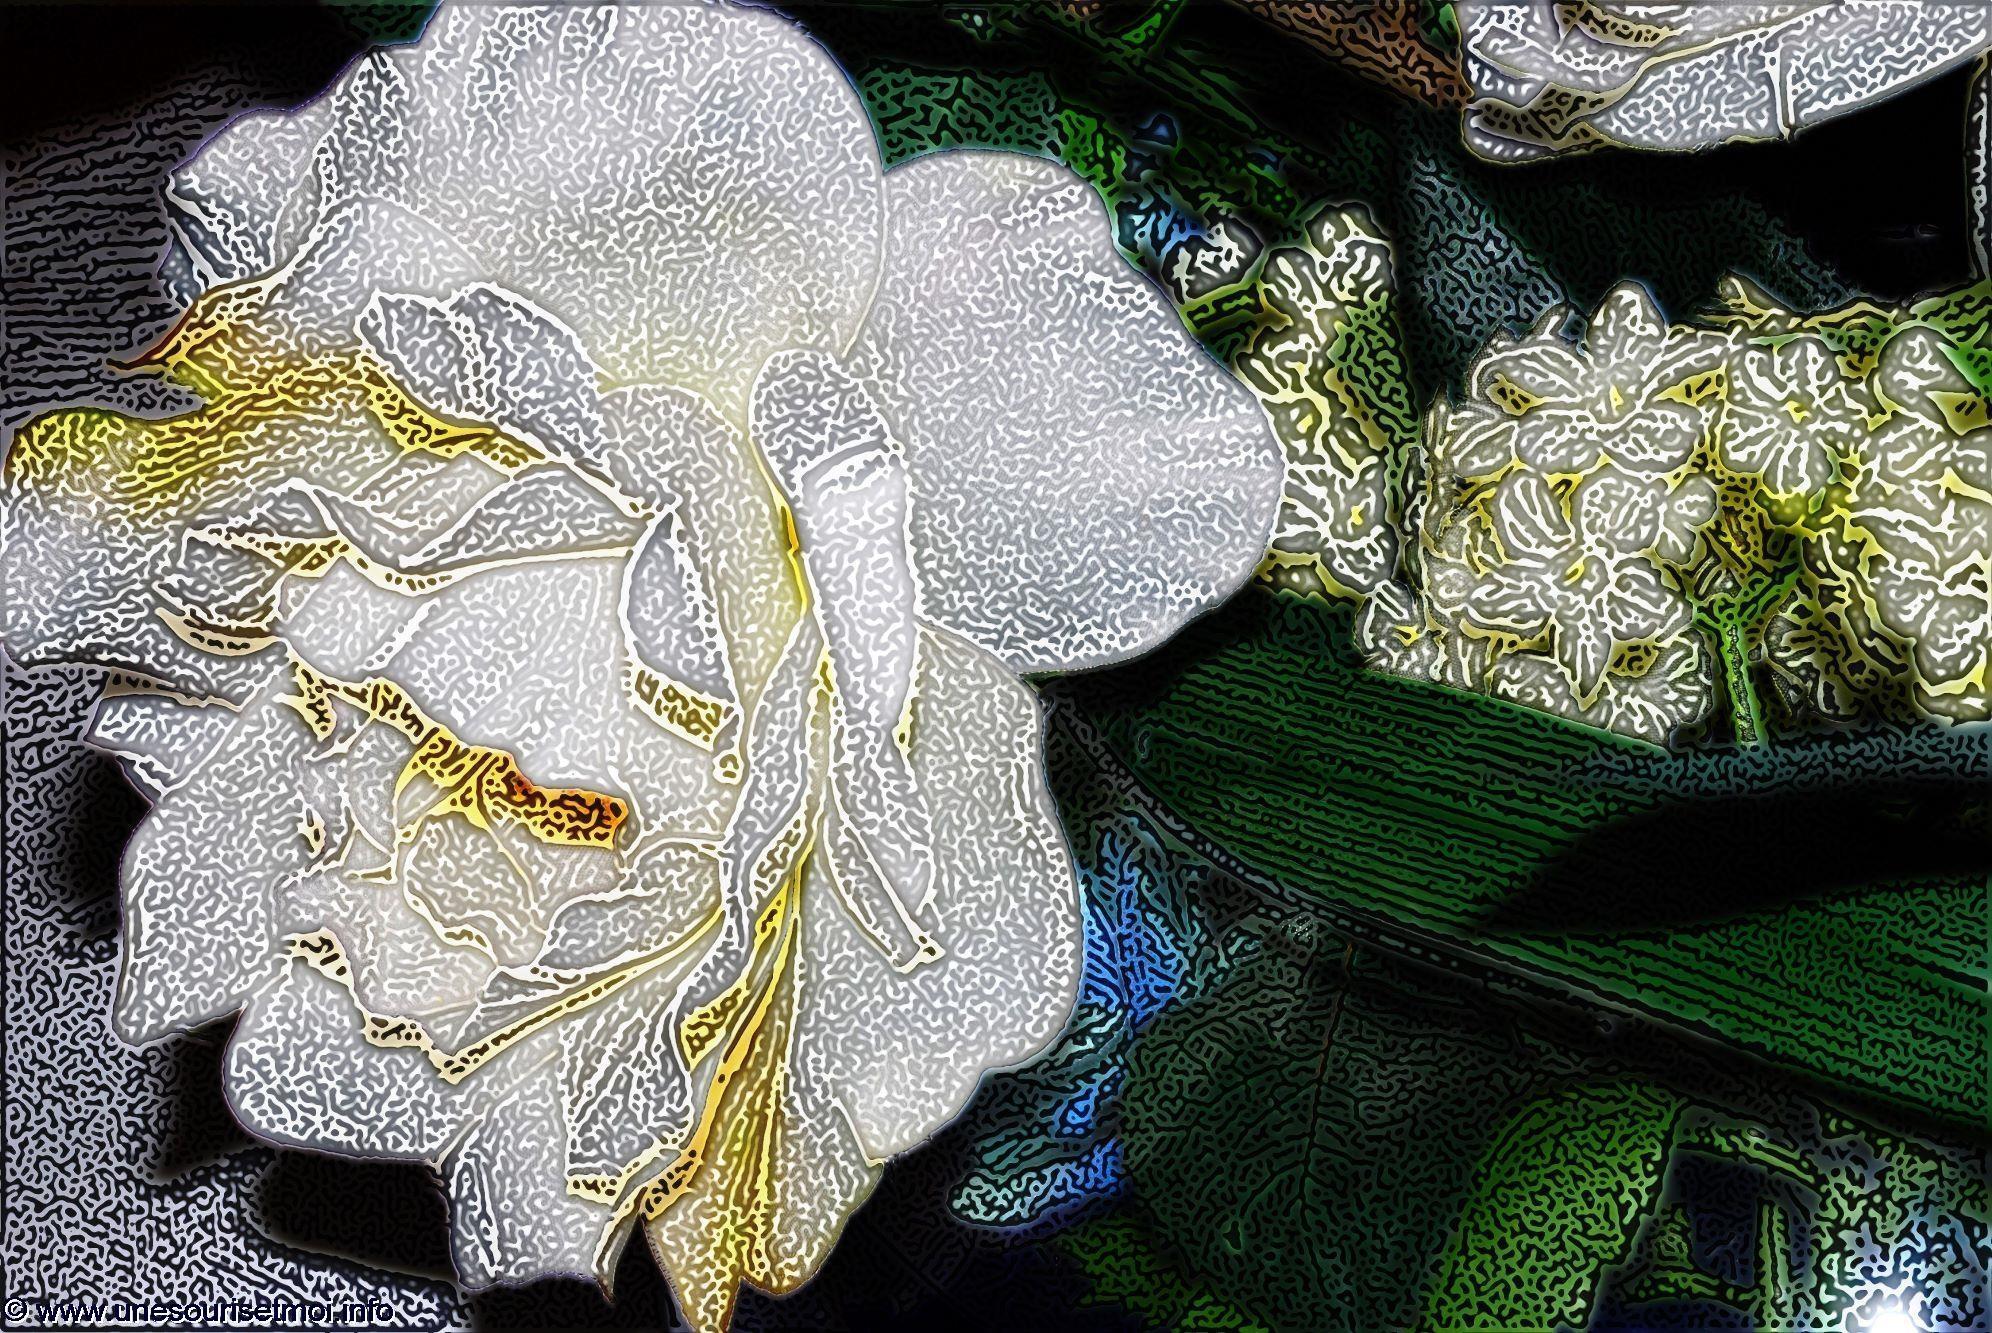 rose-blanche-retouche-photo-et-creation-personnelle